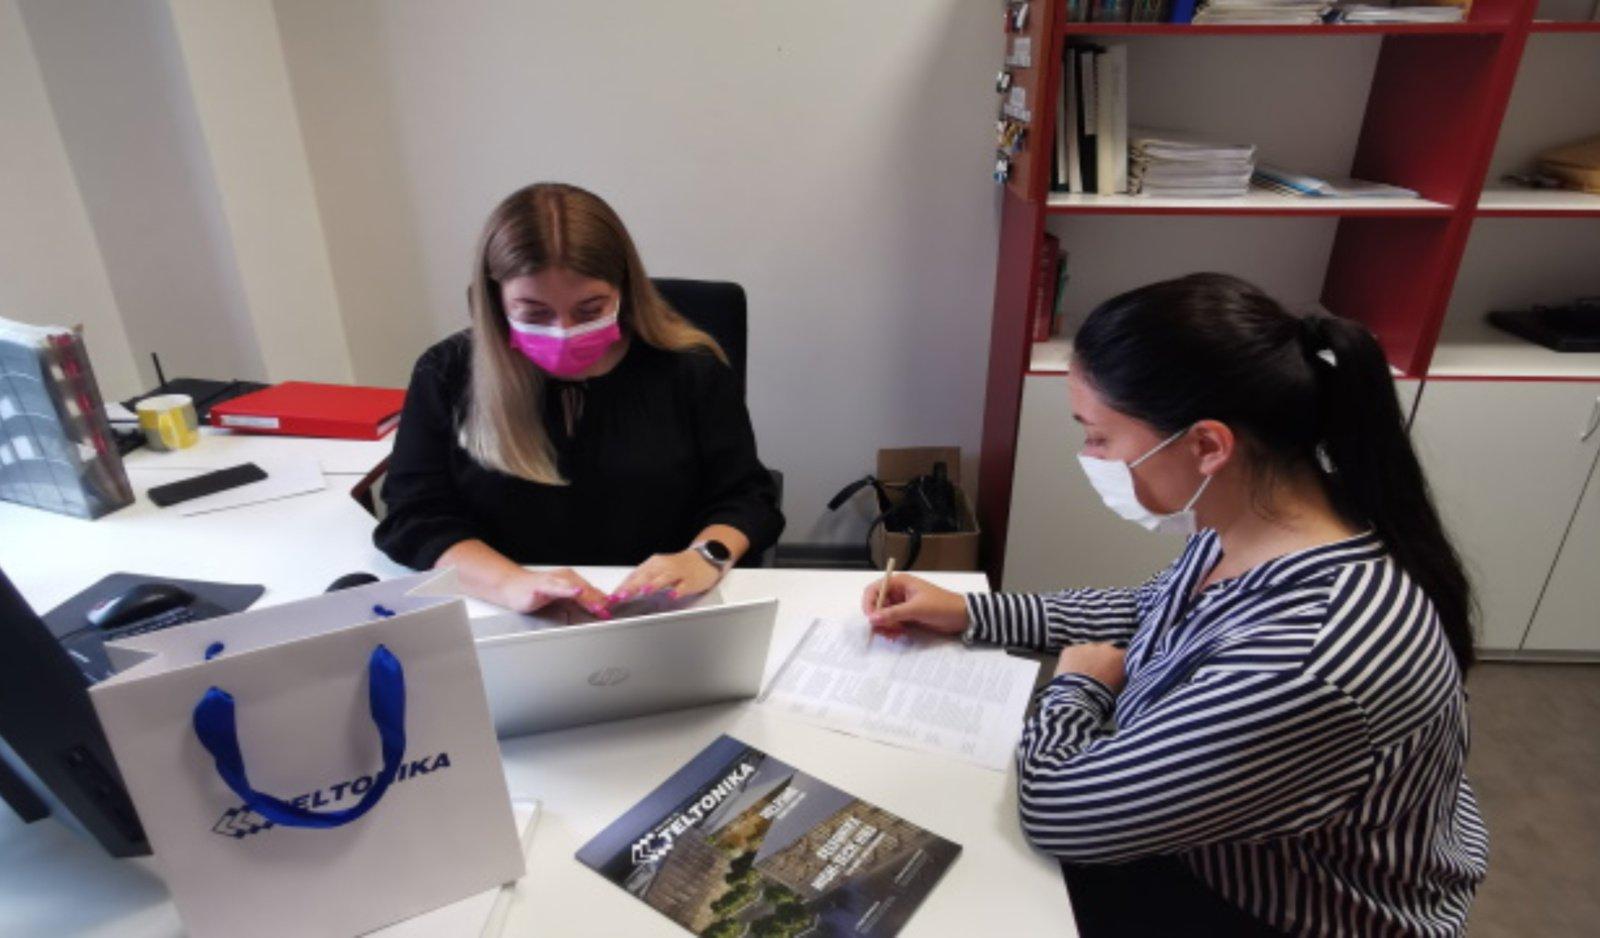 Naujasis technologijų centras jau ieško darbuotojų Molėtuose